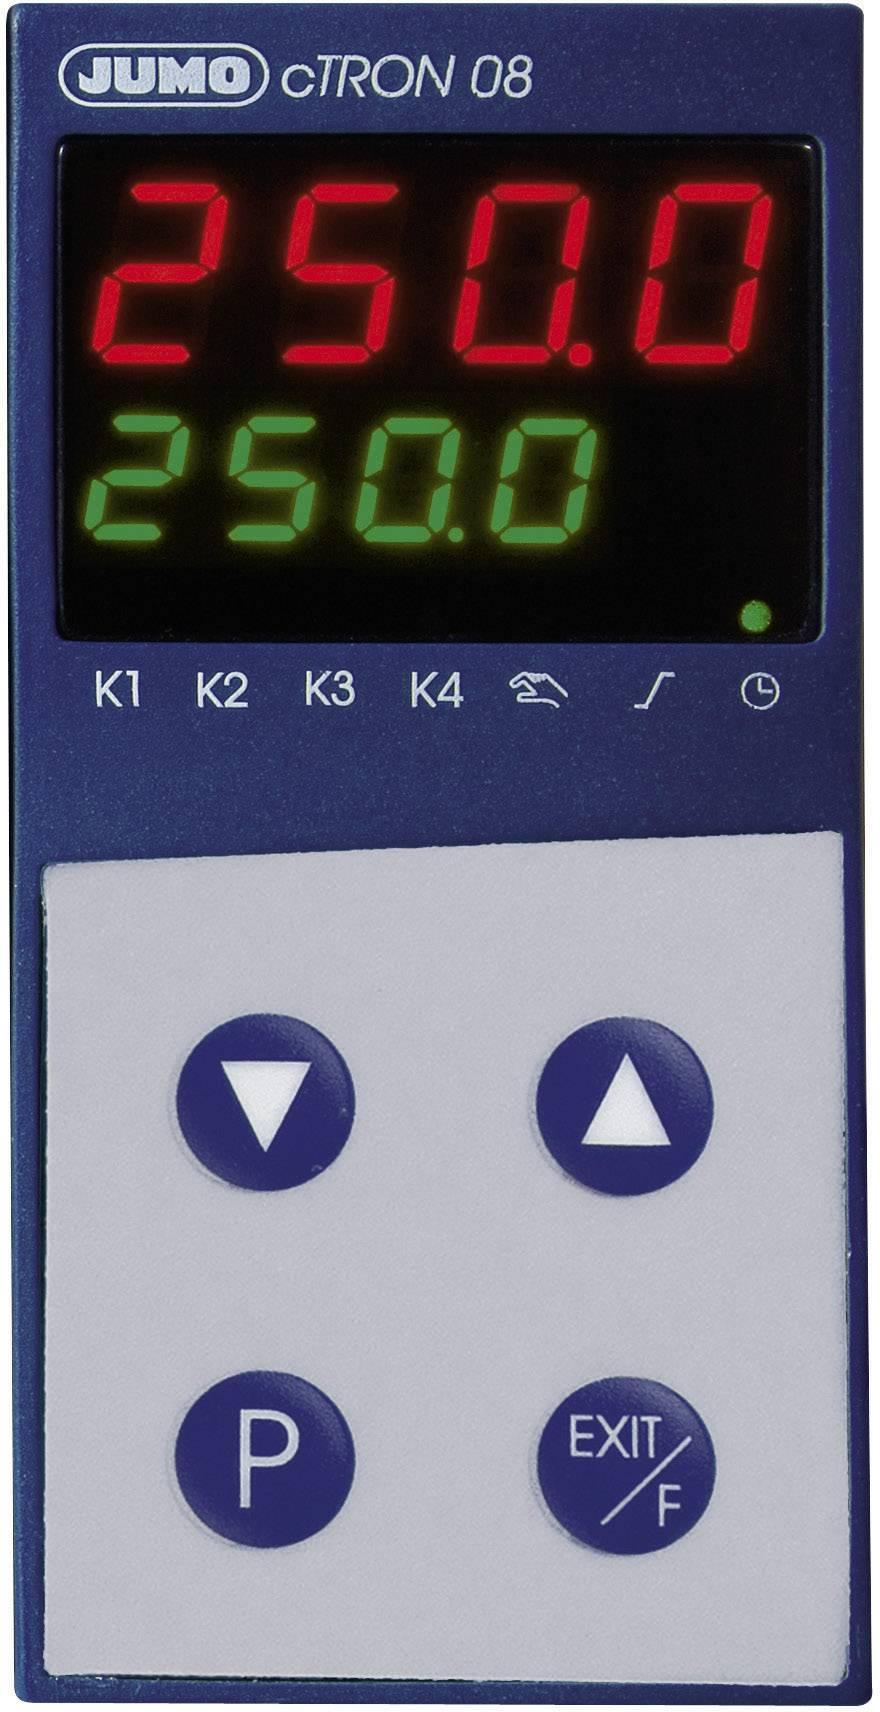 Kompaktný trojstupňový termostat s časovačom Jumo CTRON08, 20 - 30V AC/DC